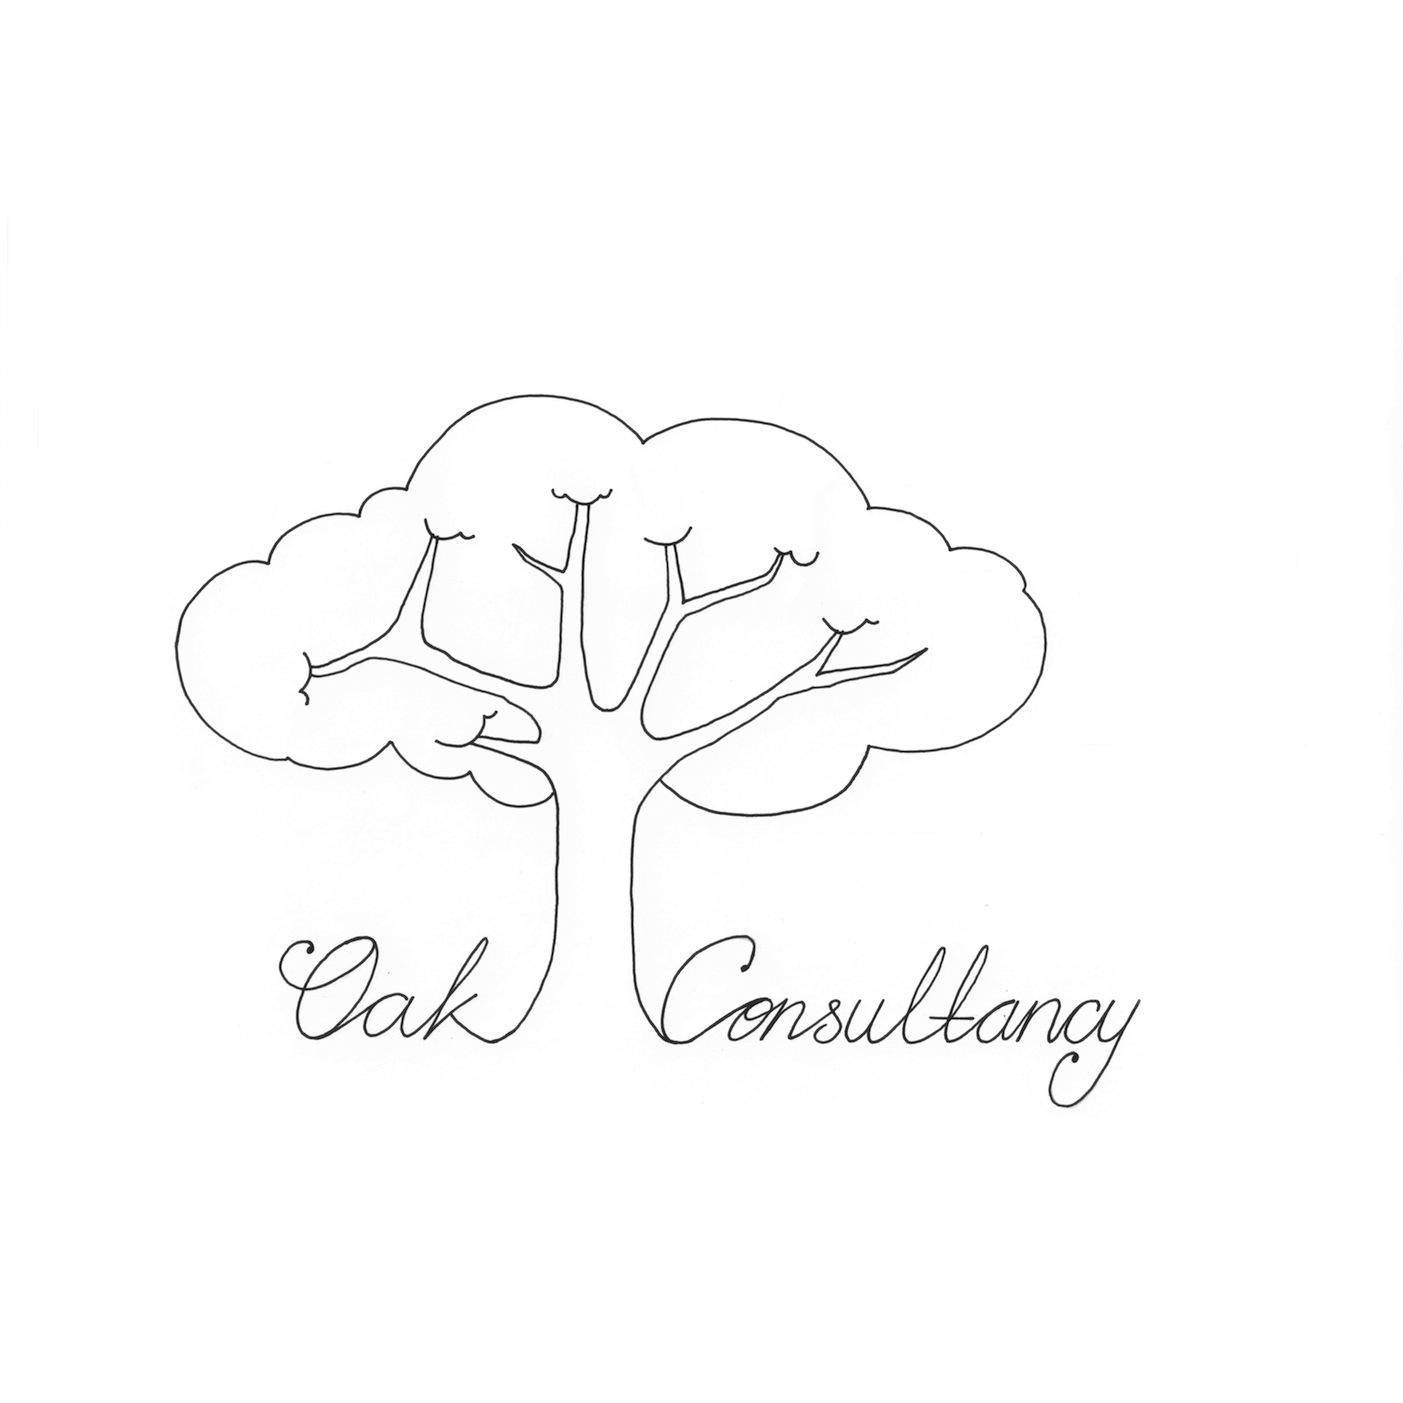 Oak Consultancy Logo